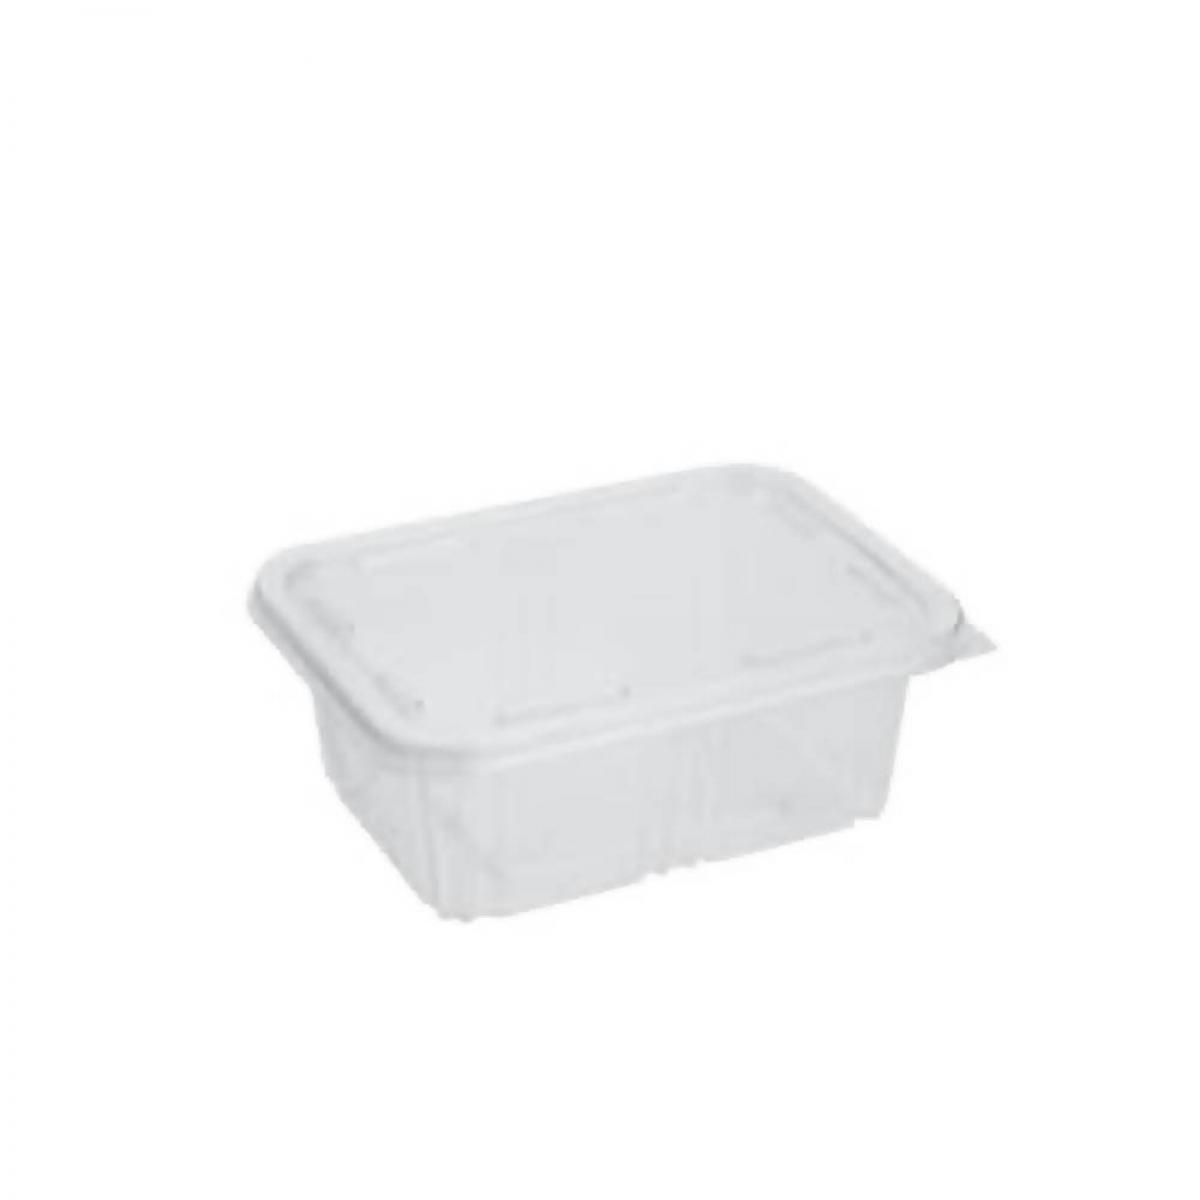 leak proof rectangular container 8 / 140*125*40